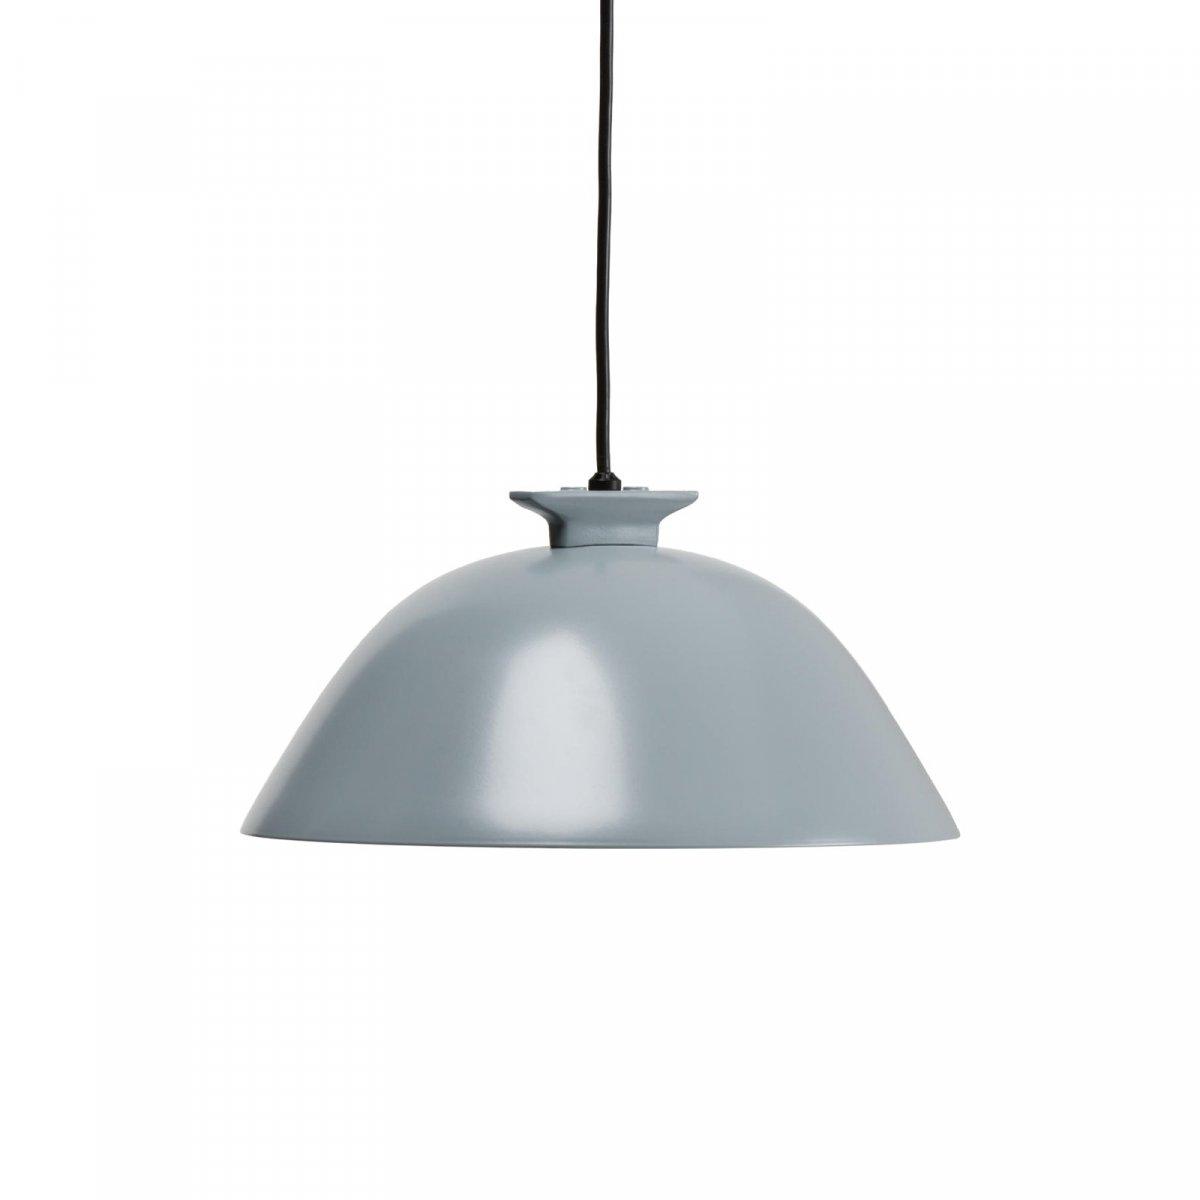 w103 Sempé s1 pendant lamp, soft grey.